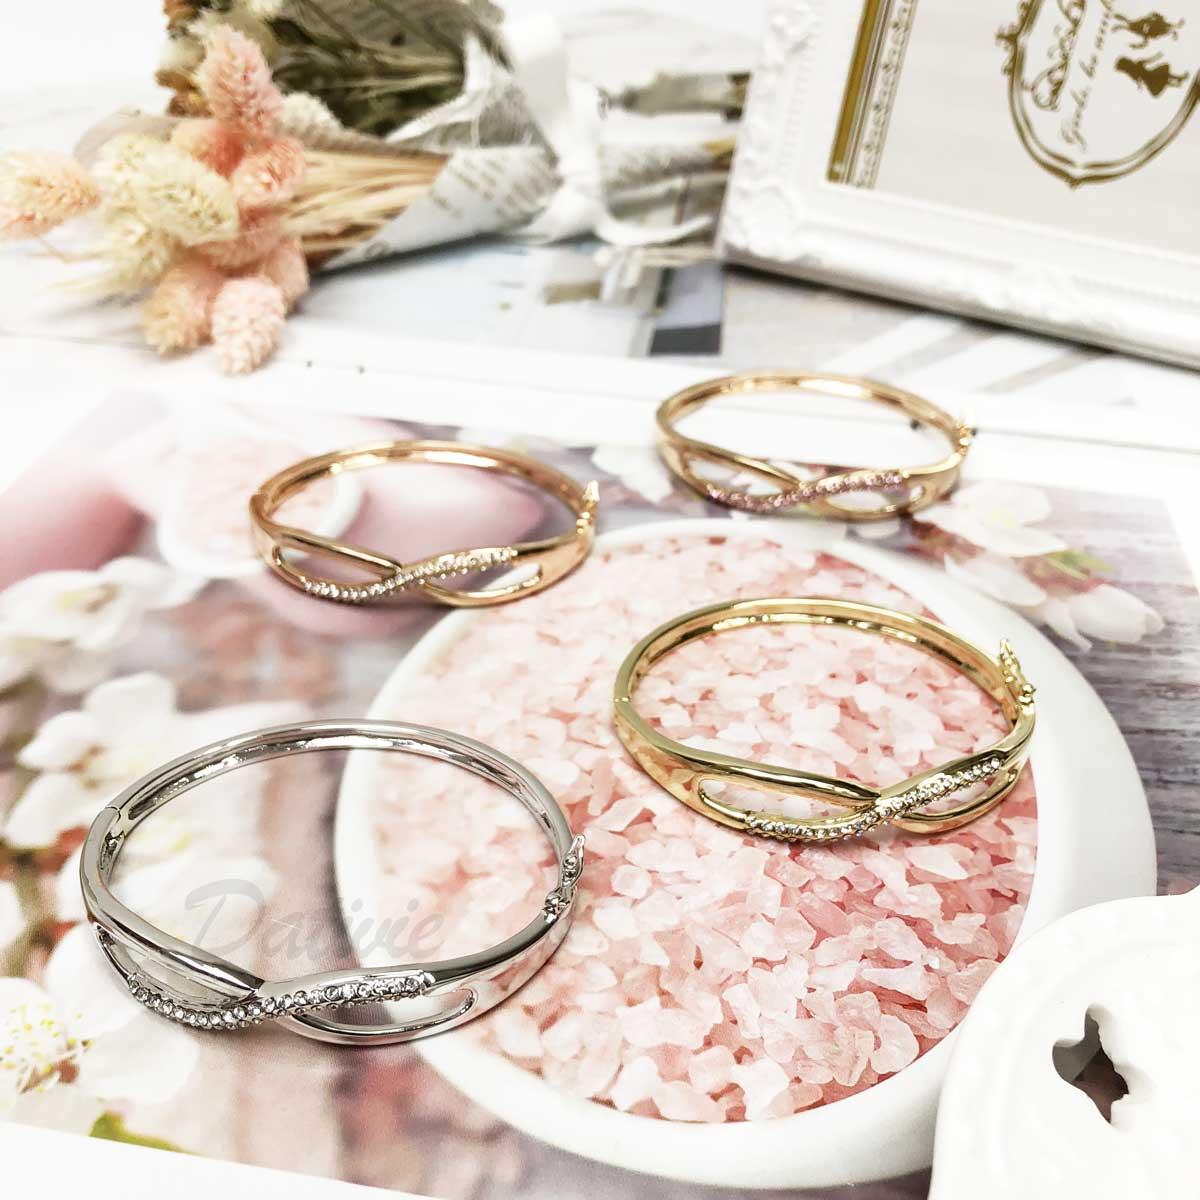 無限大 符號 簡約 玫瑰金 金 銀 黑 氣質款 經典 鑲鑽 手環 手飾